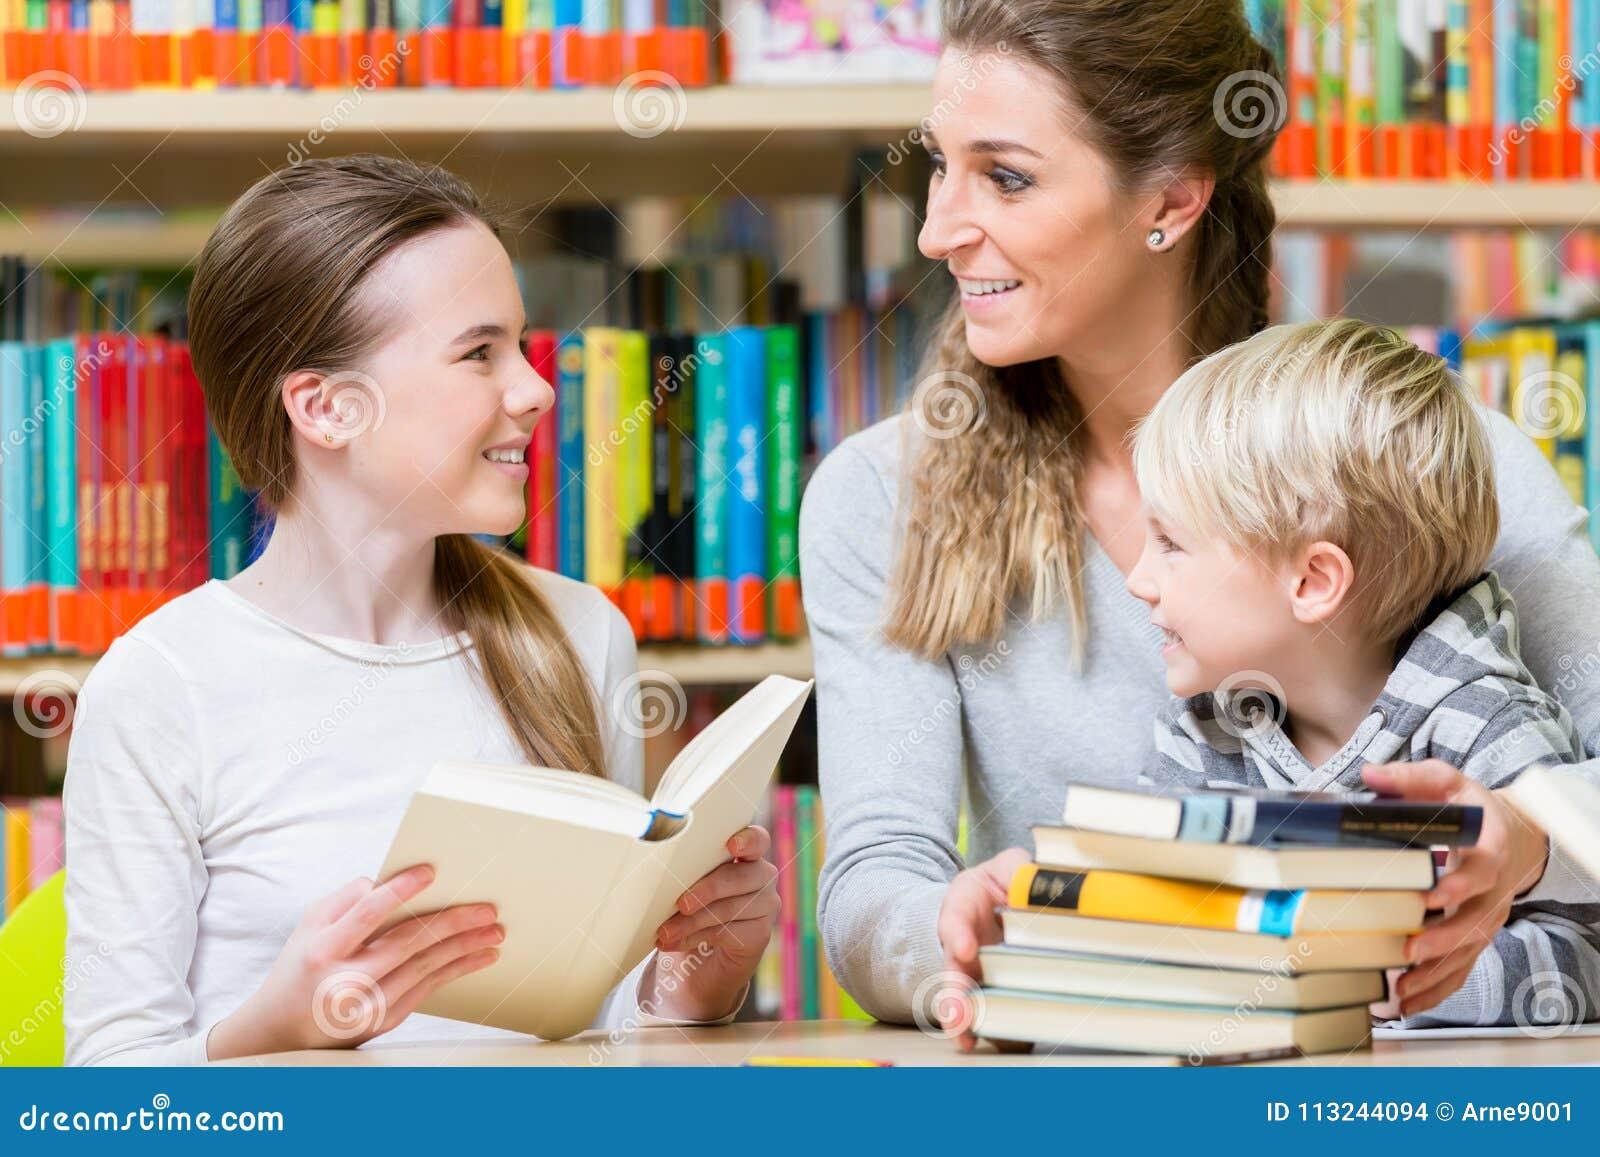 Δάσκαλος με την κατηγορία της που επισκέπτεται τα βιβλία ανάγνωσης  βιβλιοθηκών fbdc1a8838b